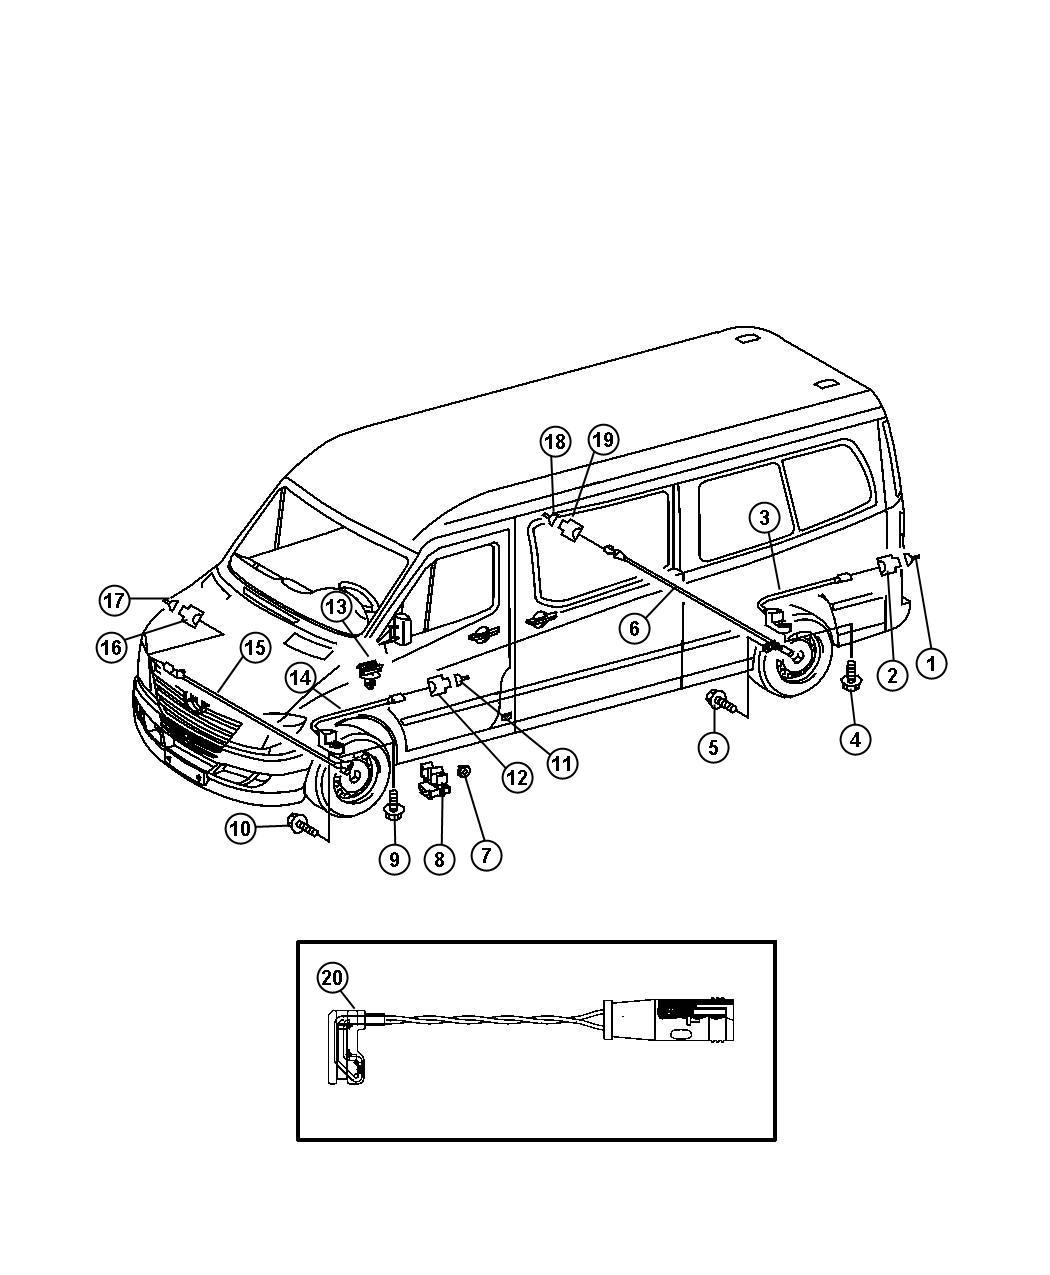 Dodge Sprinter Wiring Brake Indicator On Rear